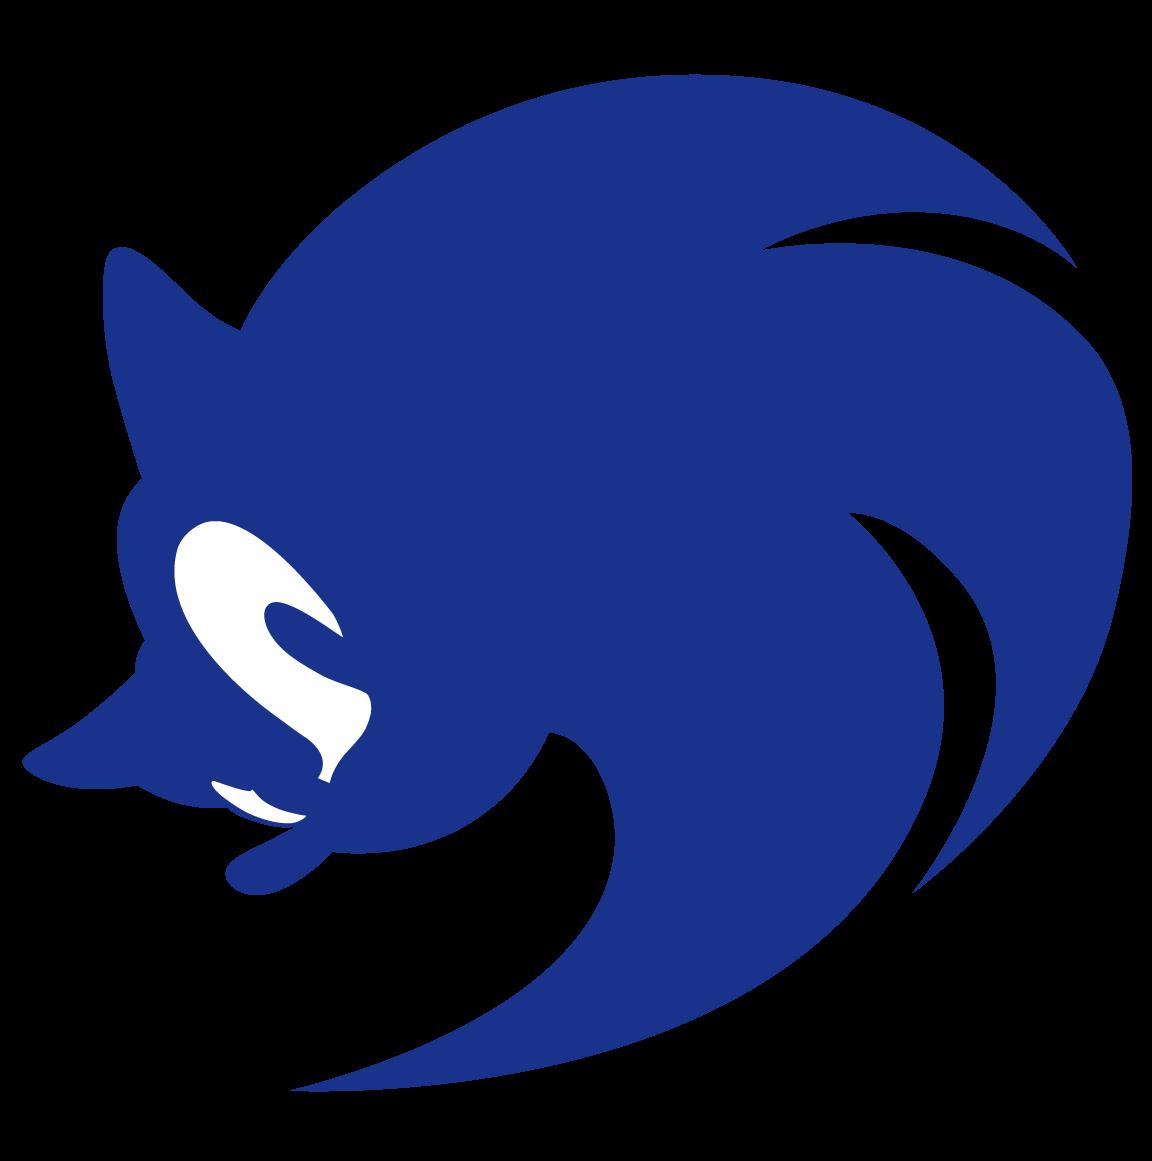 Sonic Logo Wallpaper